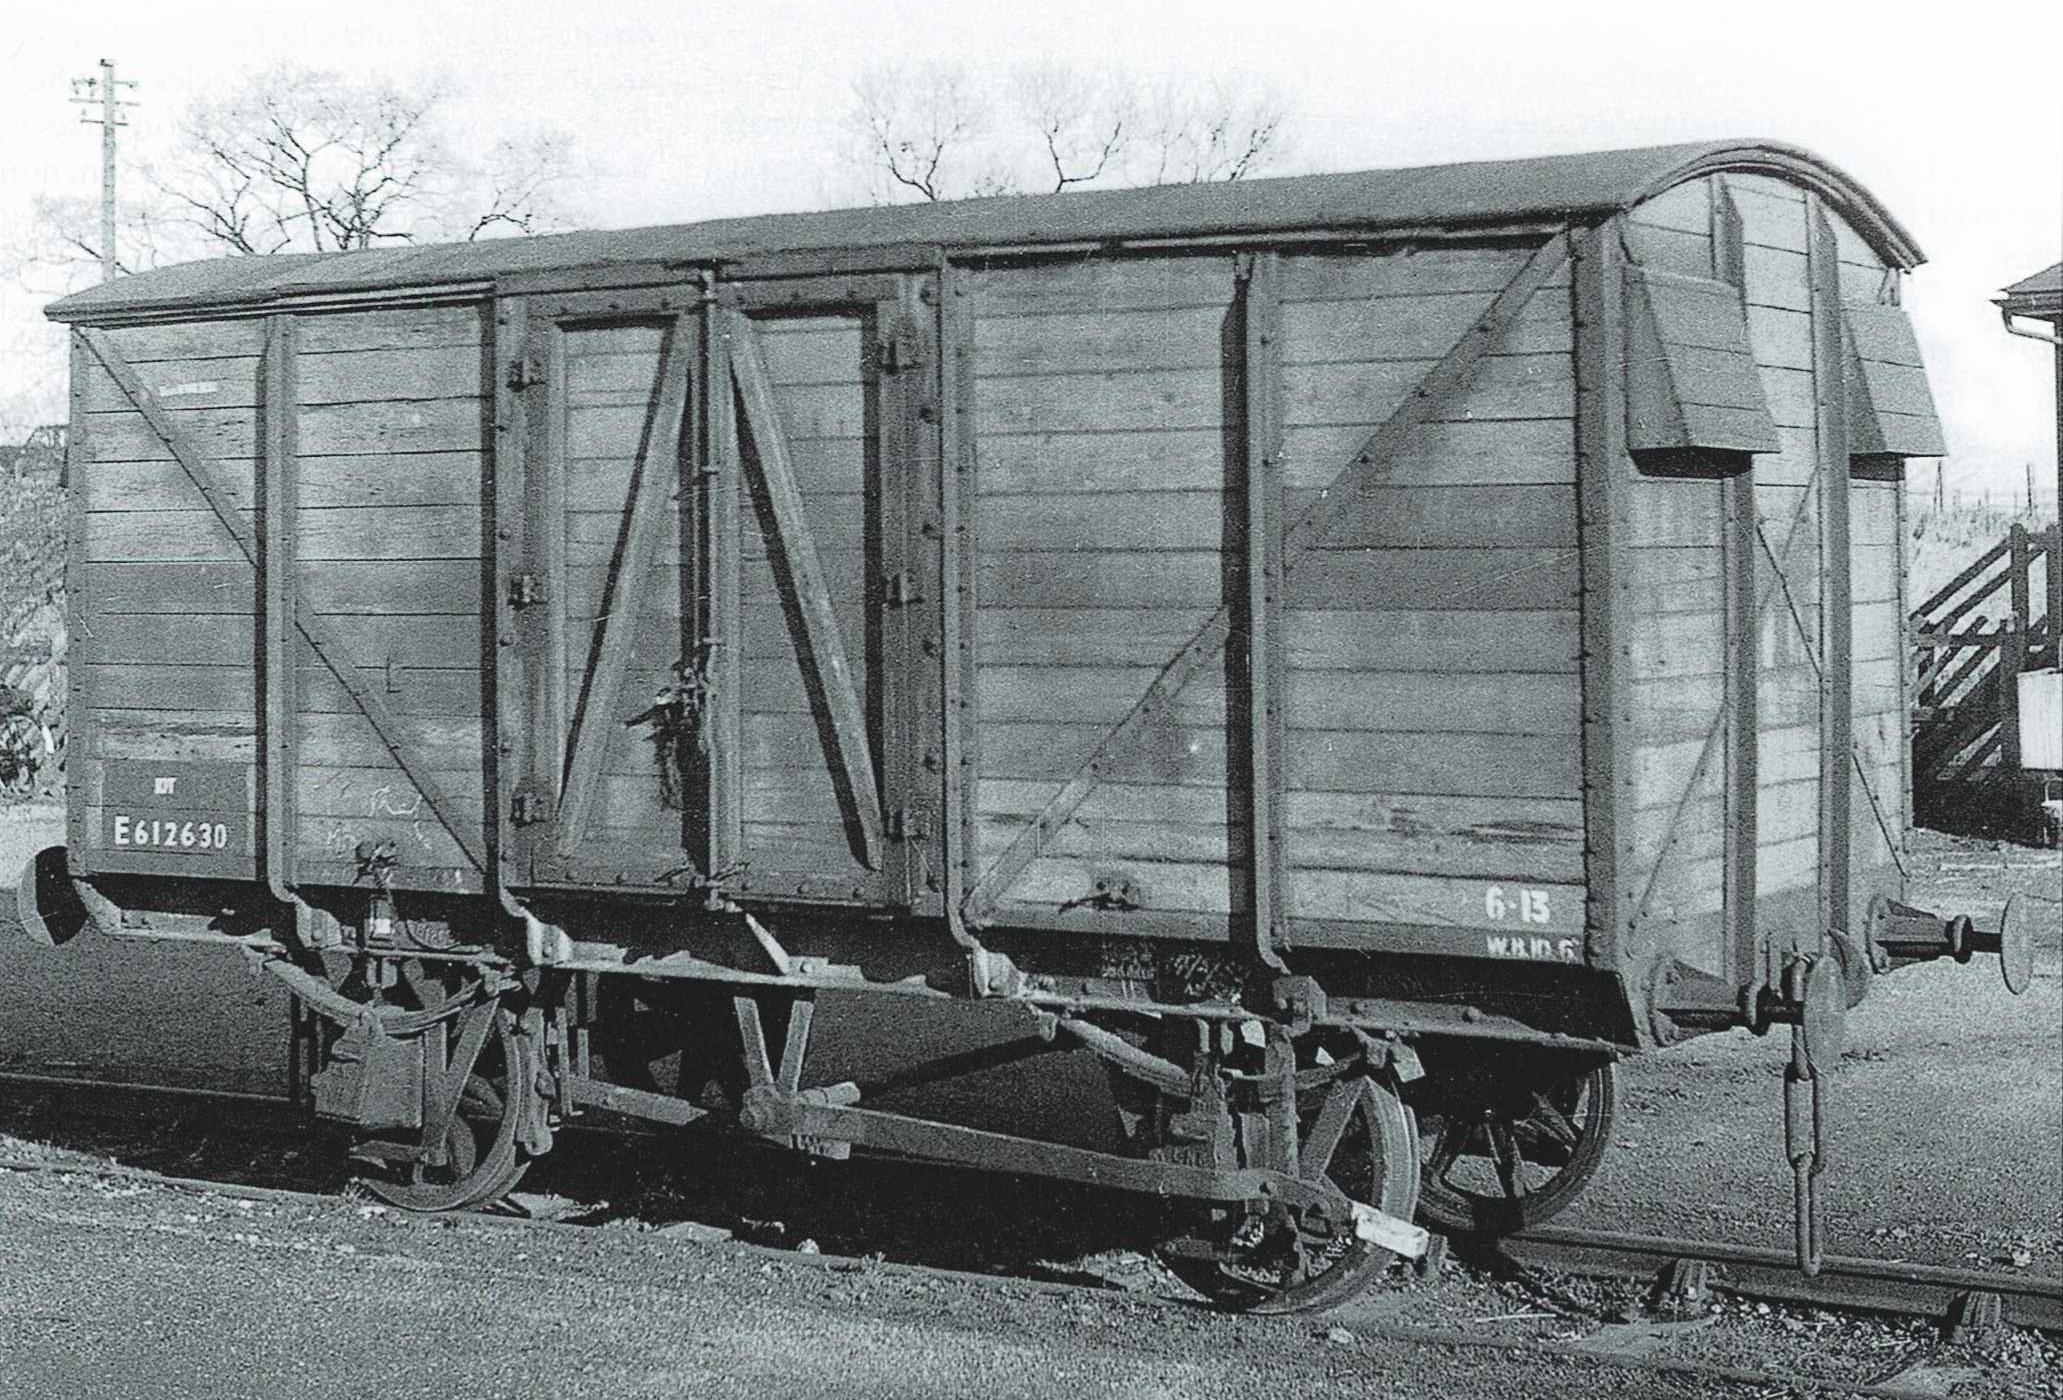 E612630. Date & location unknown. © Via Oxford Rail